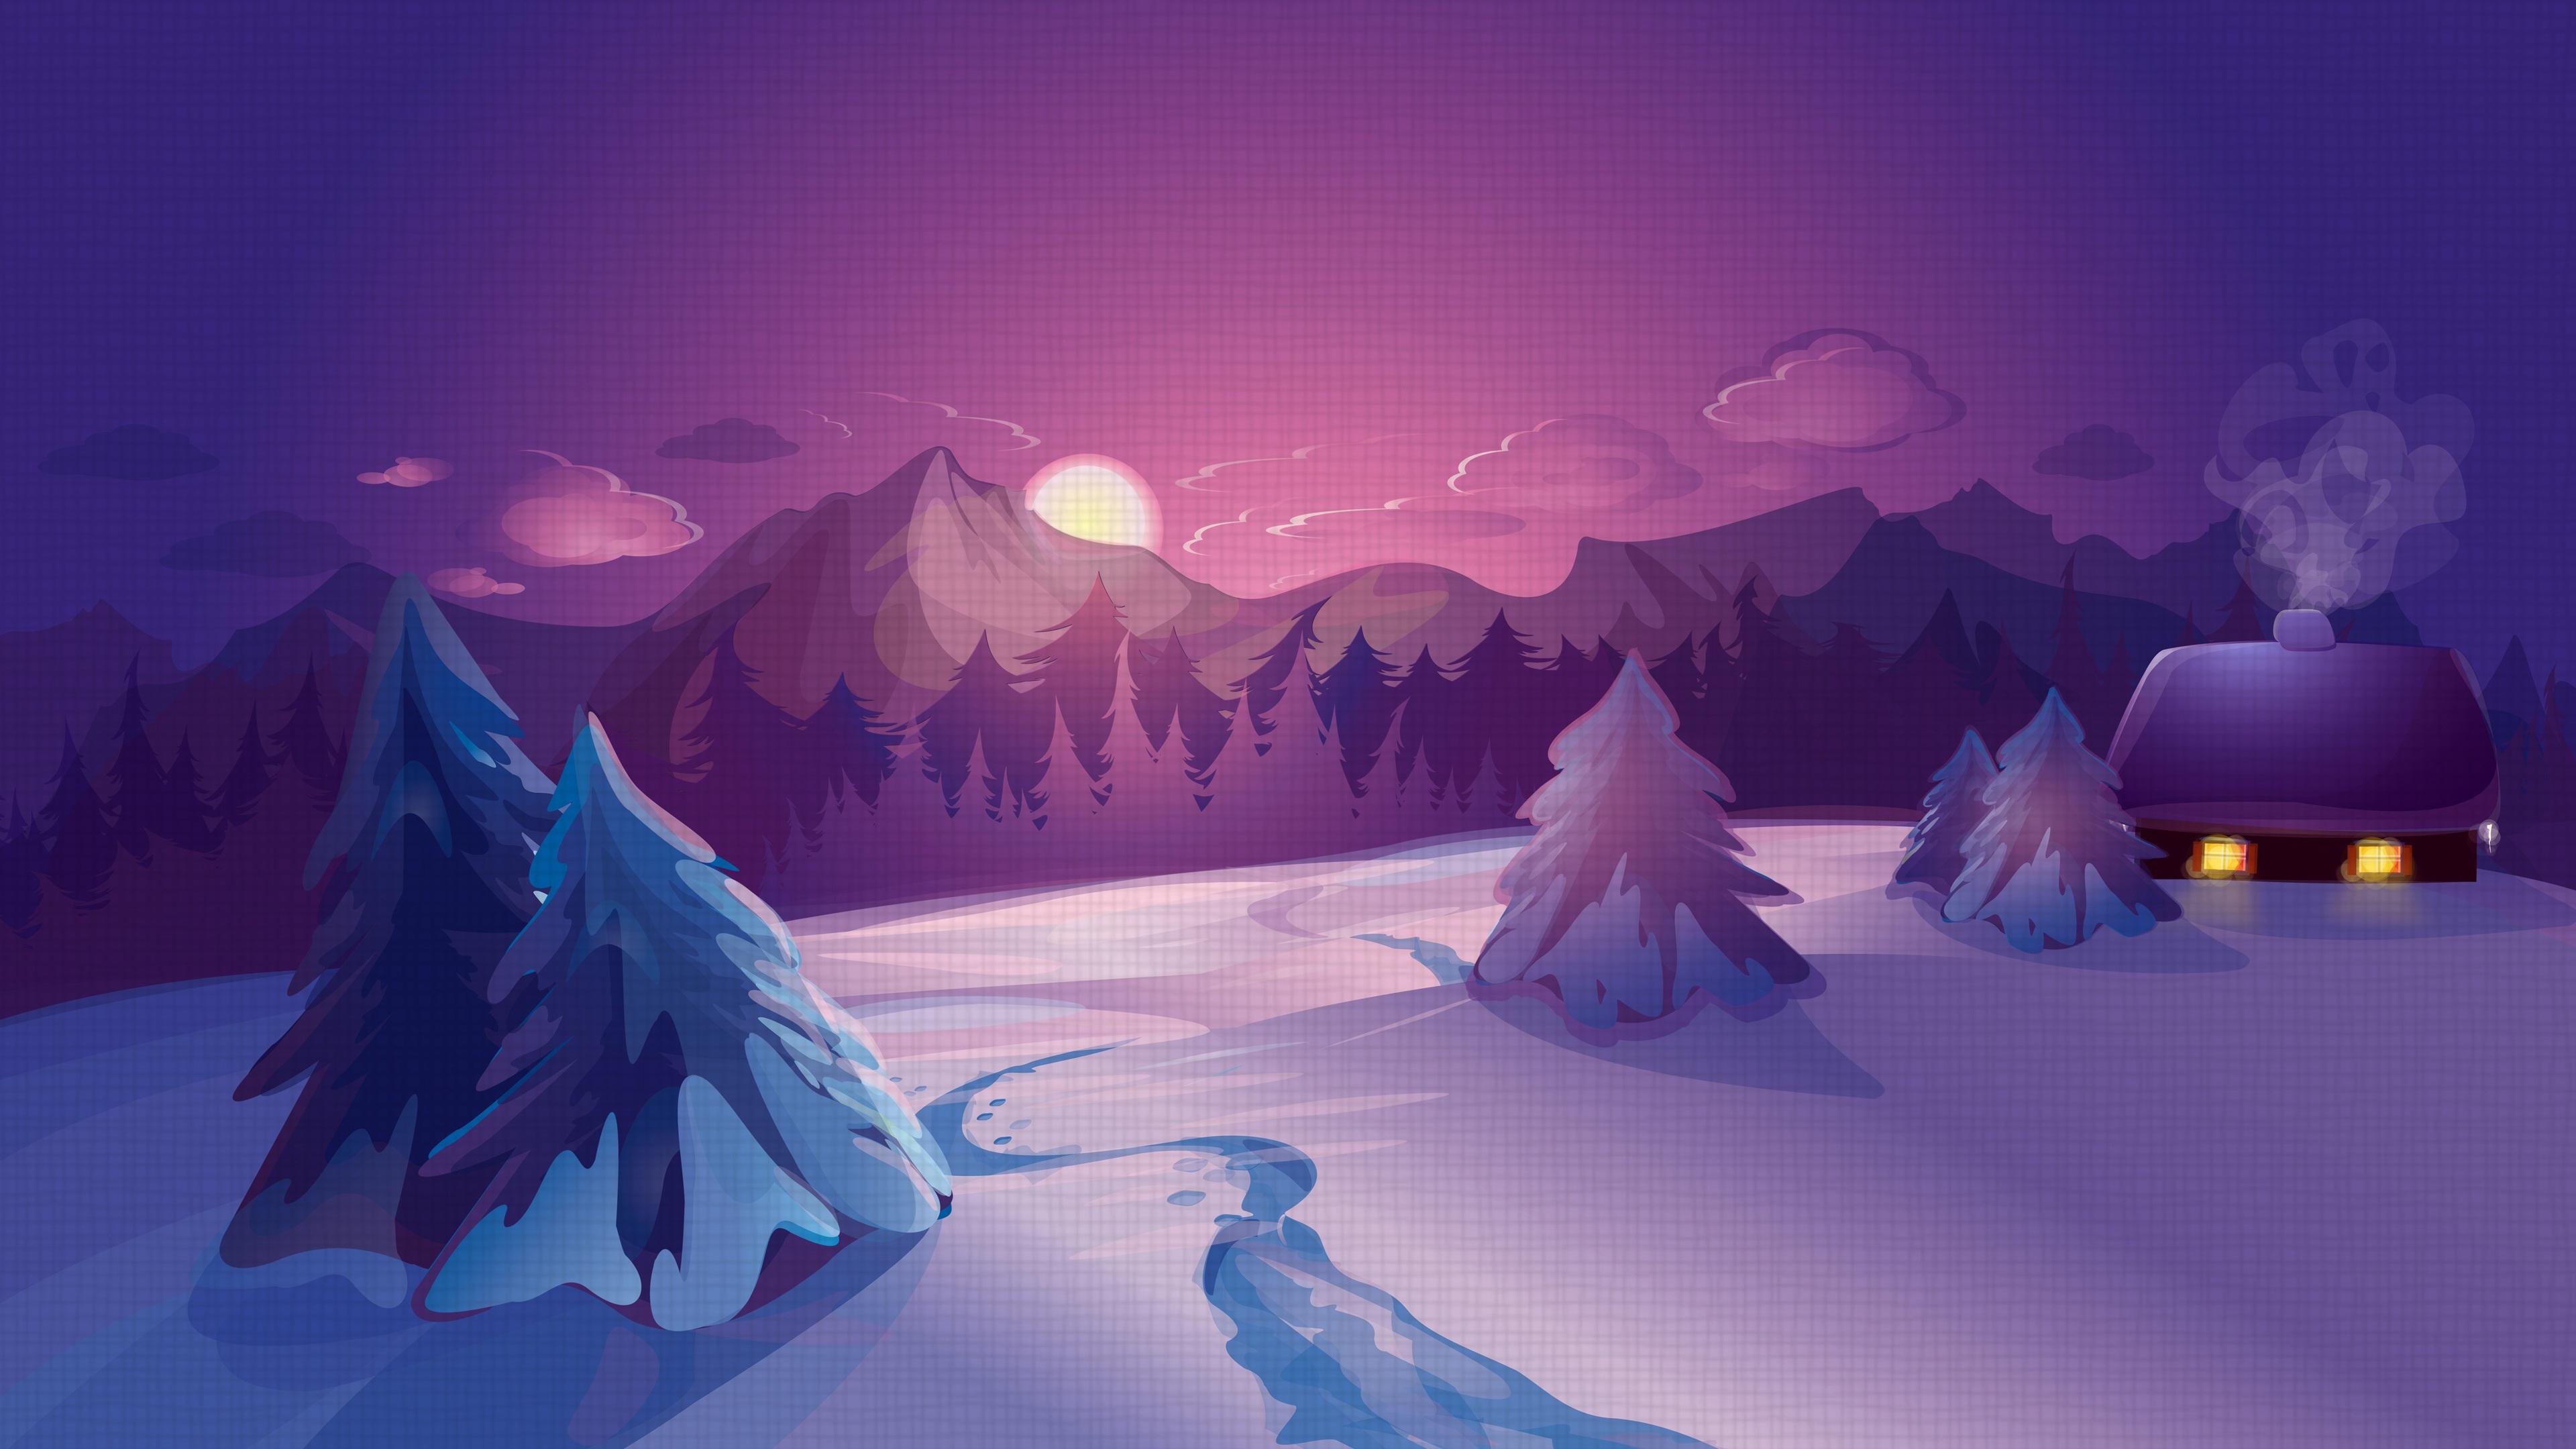 Fondos De Pantalla Imagen De Vector Invierno Nieve Cabaña